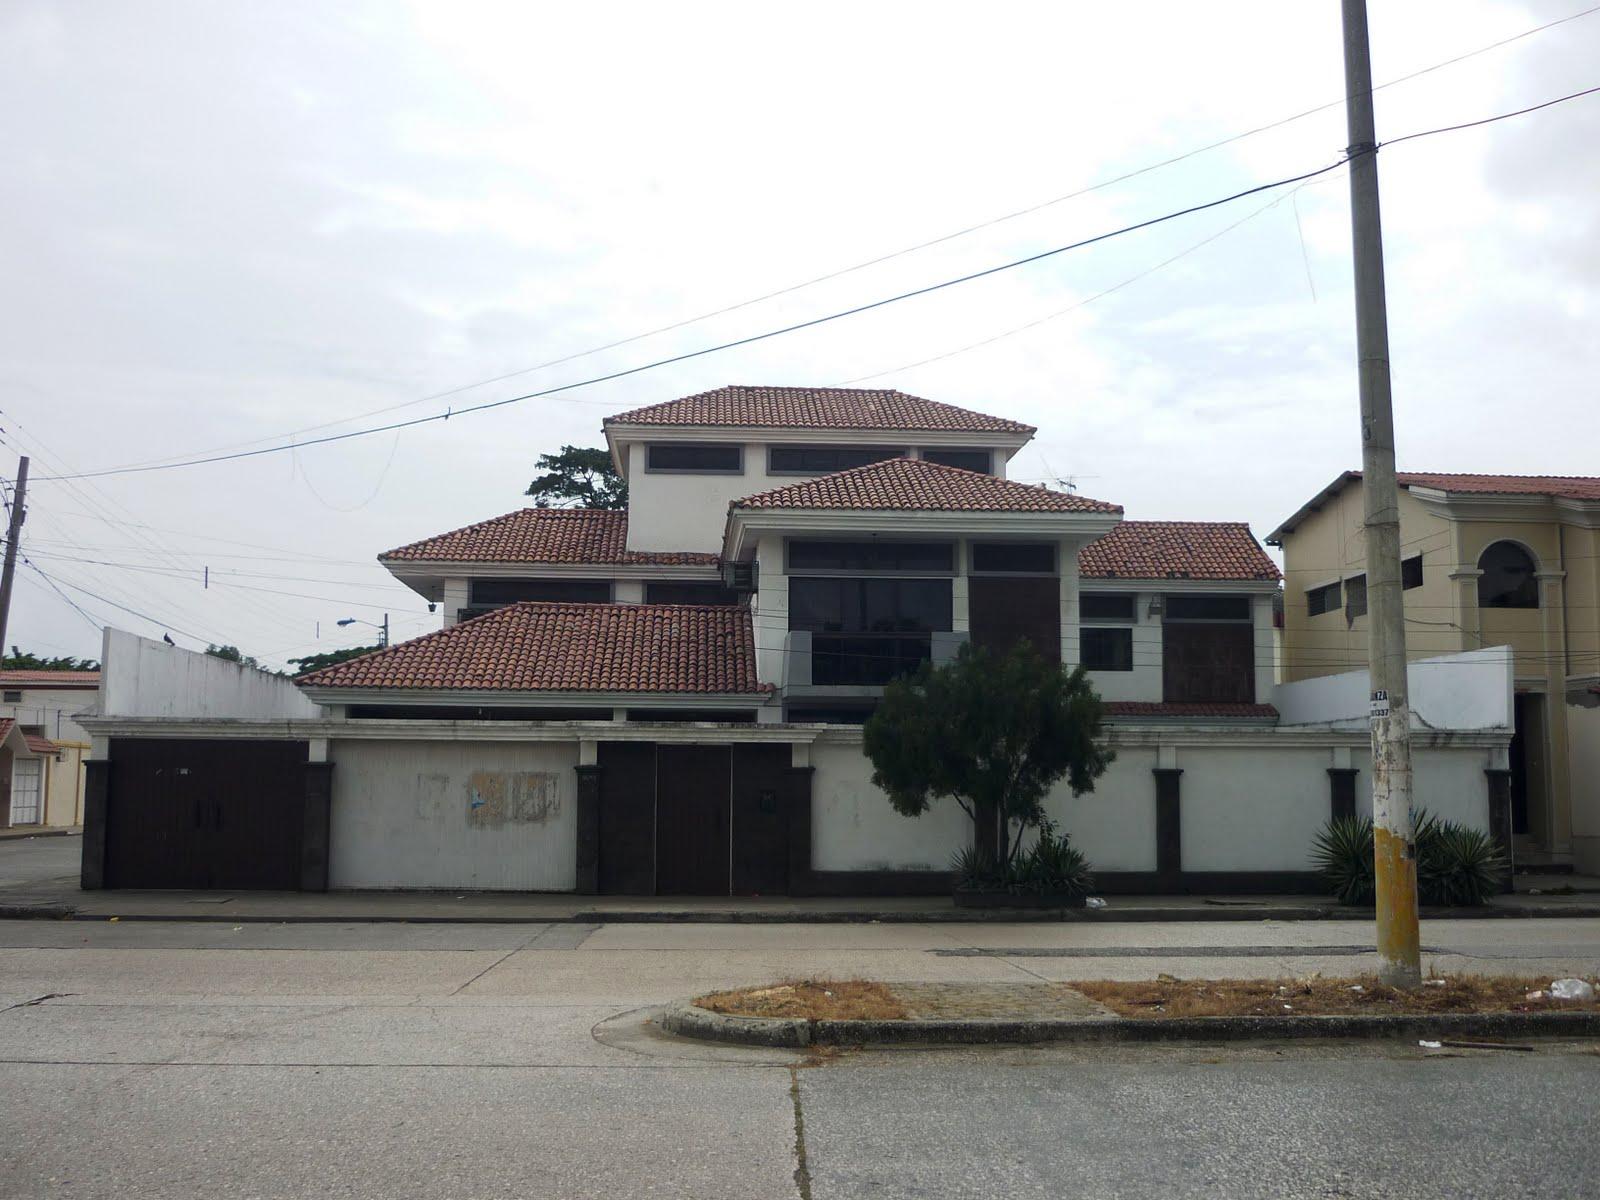 Profesi N Casas Casas Y Villas Vendo